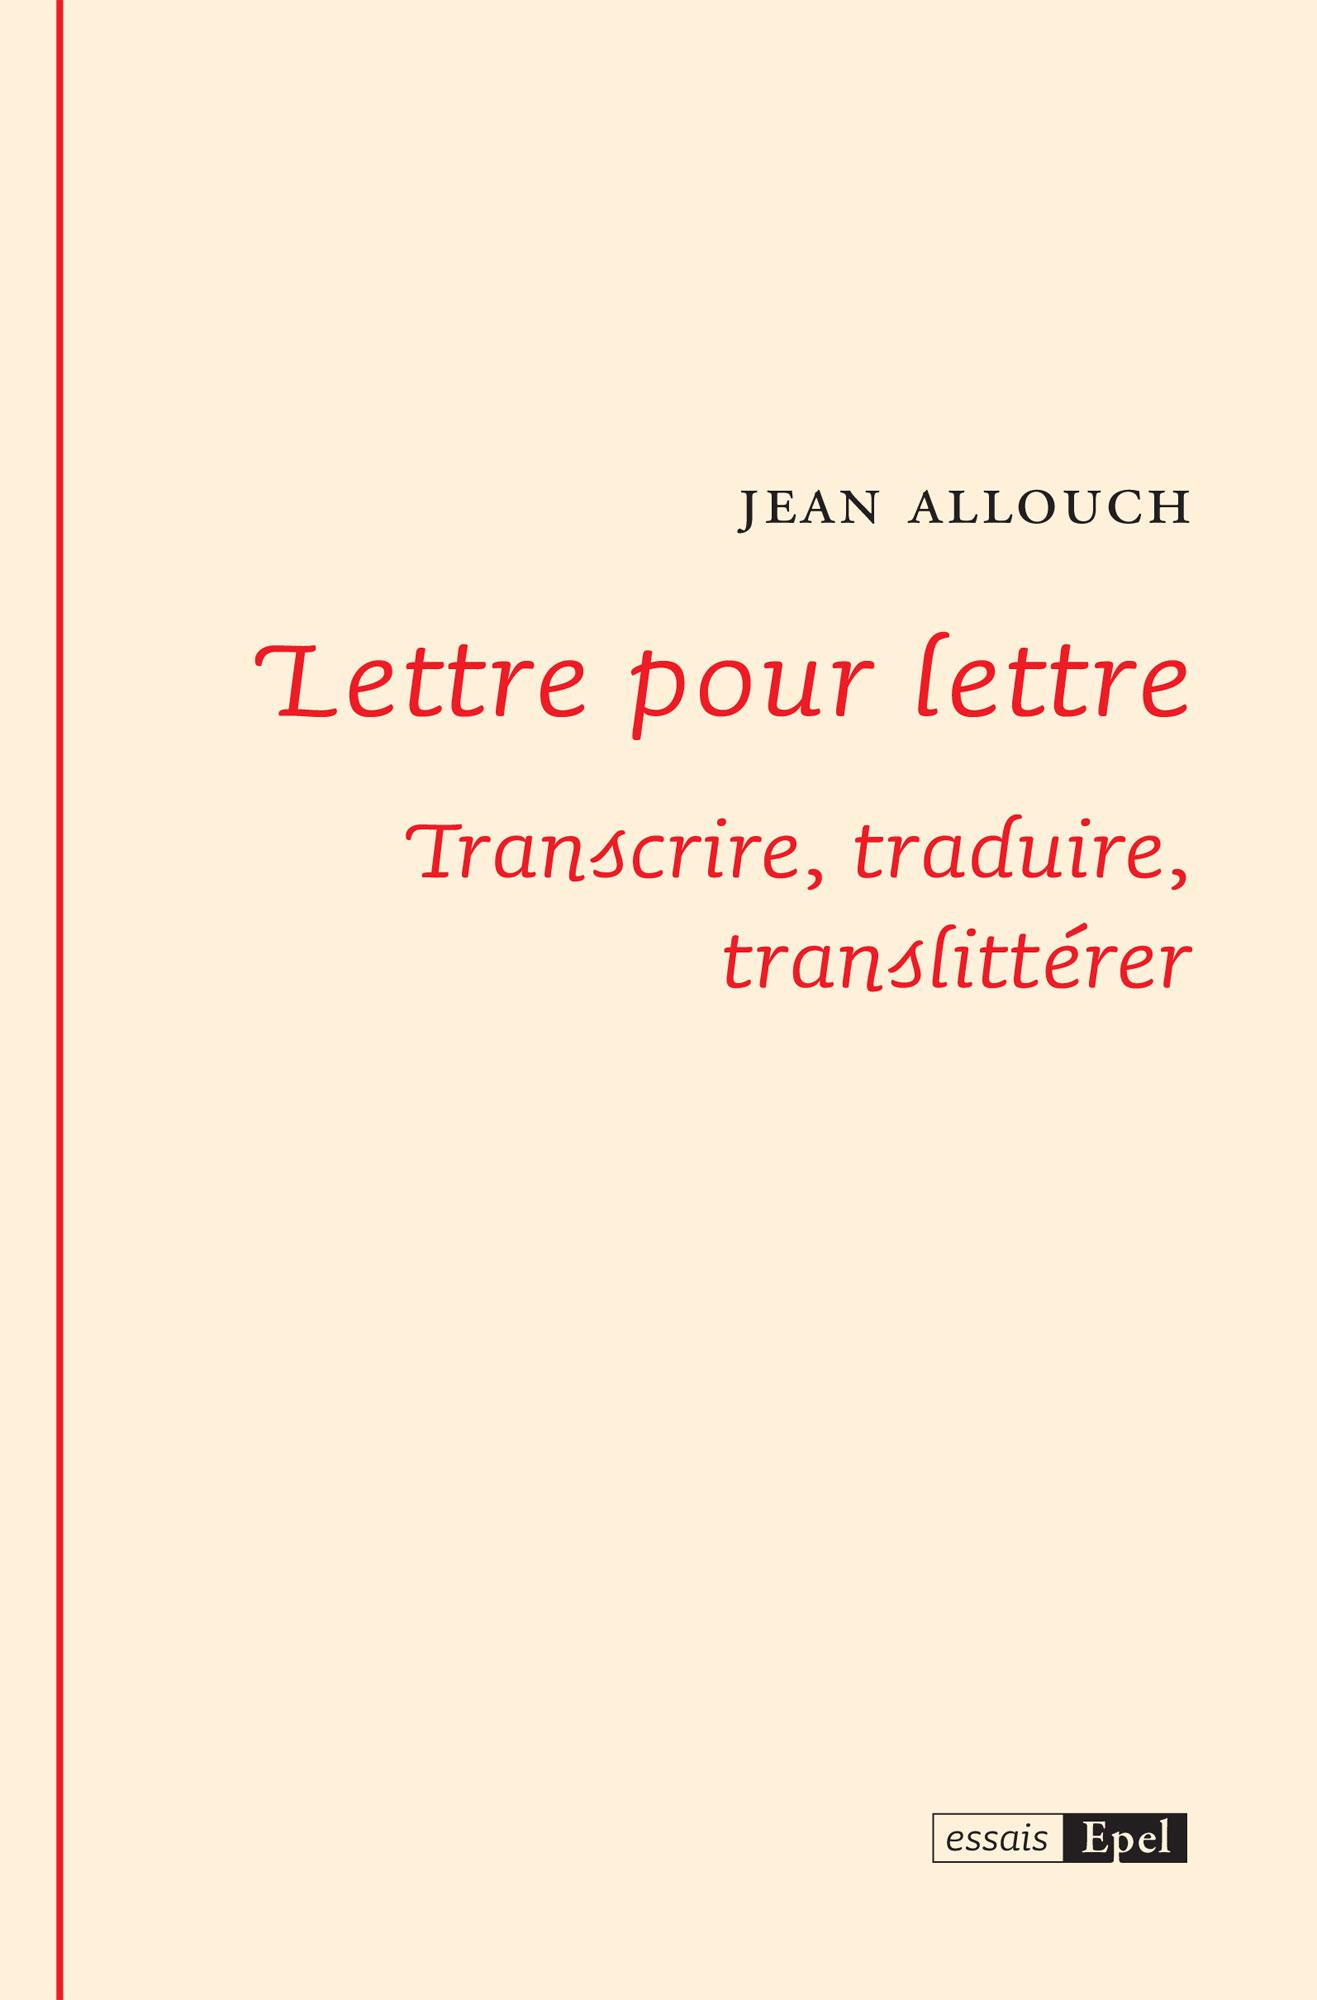 Lettre pour lettre